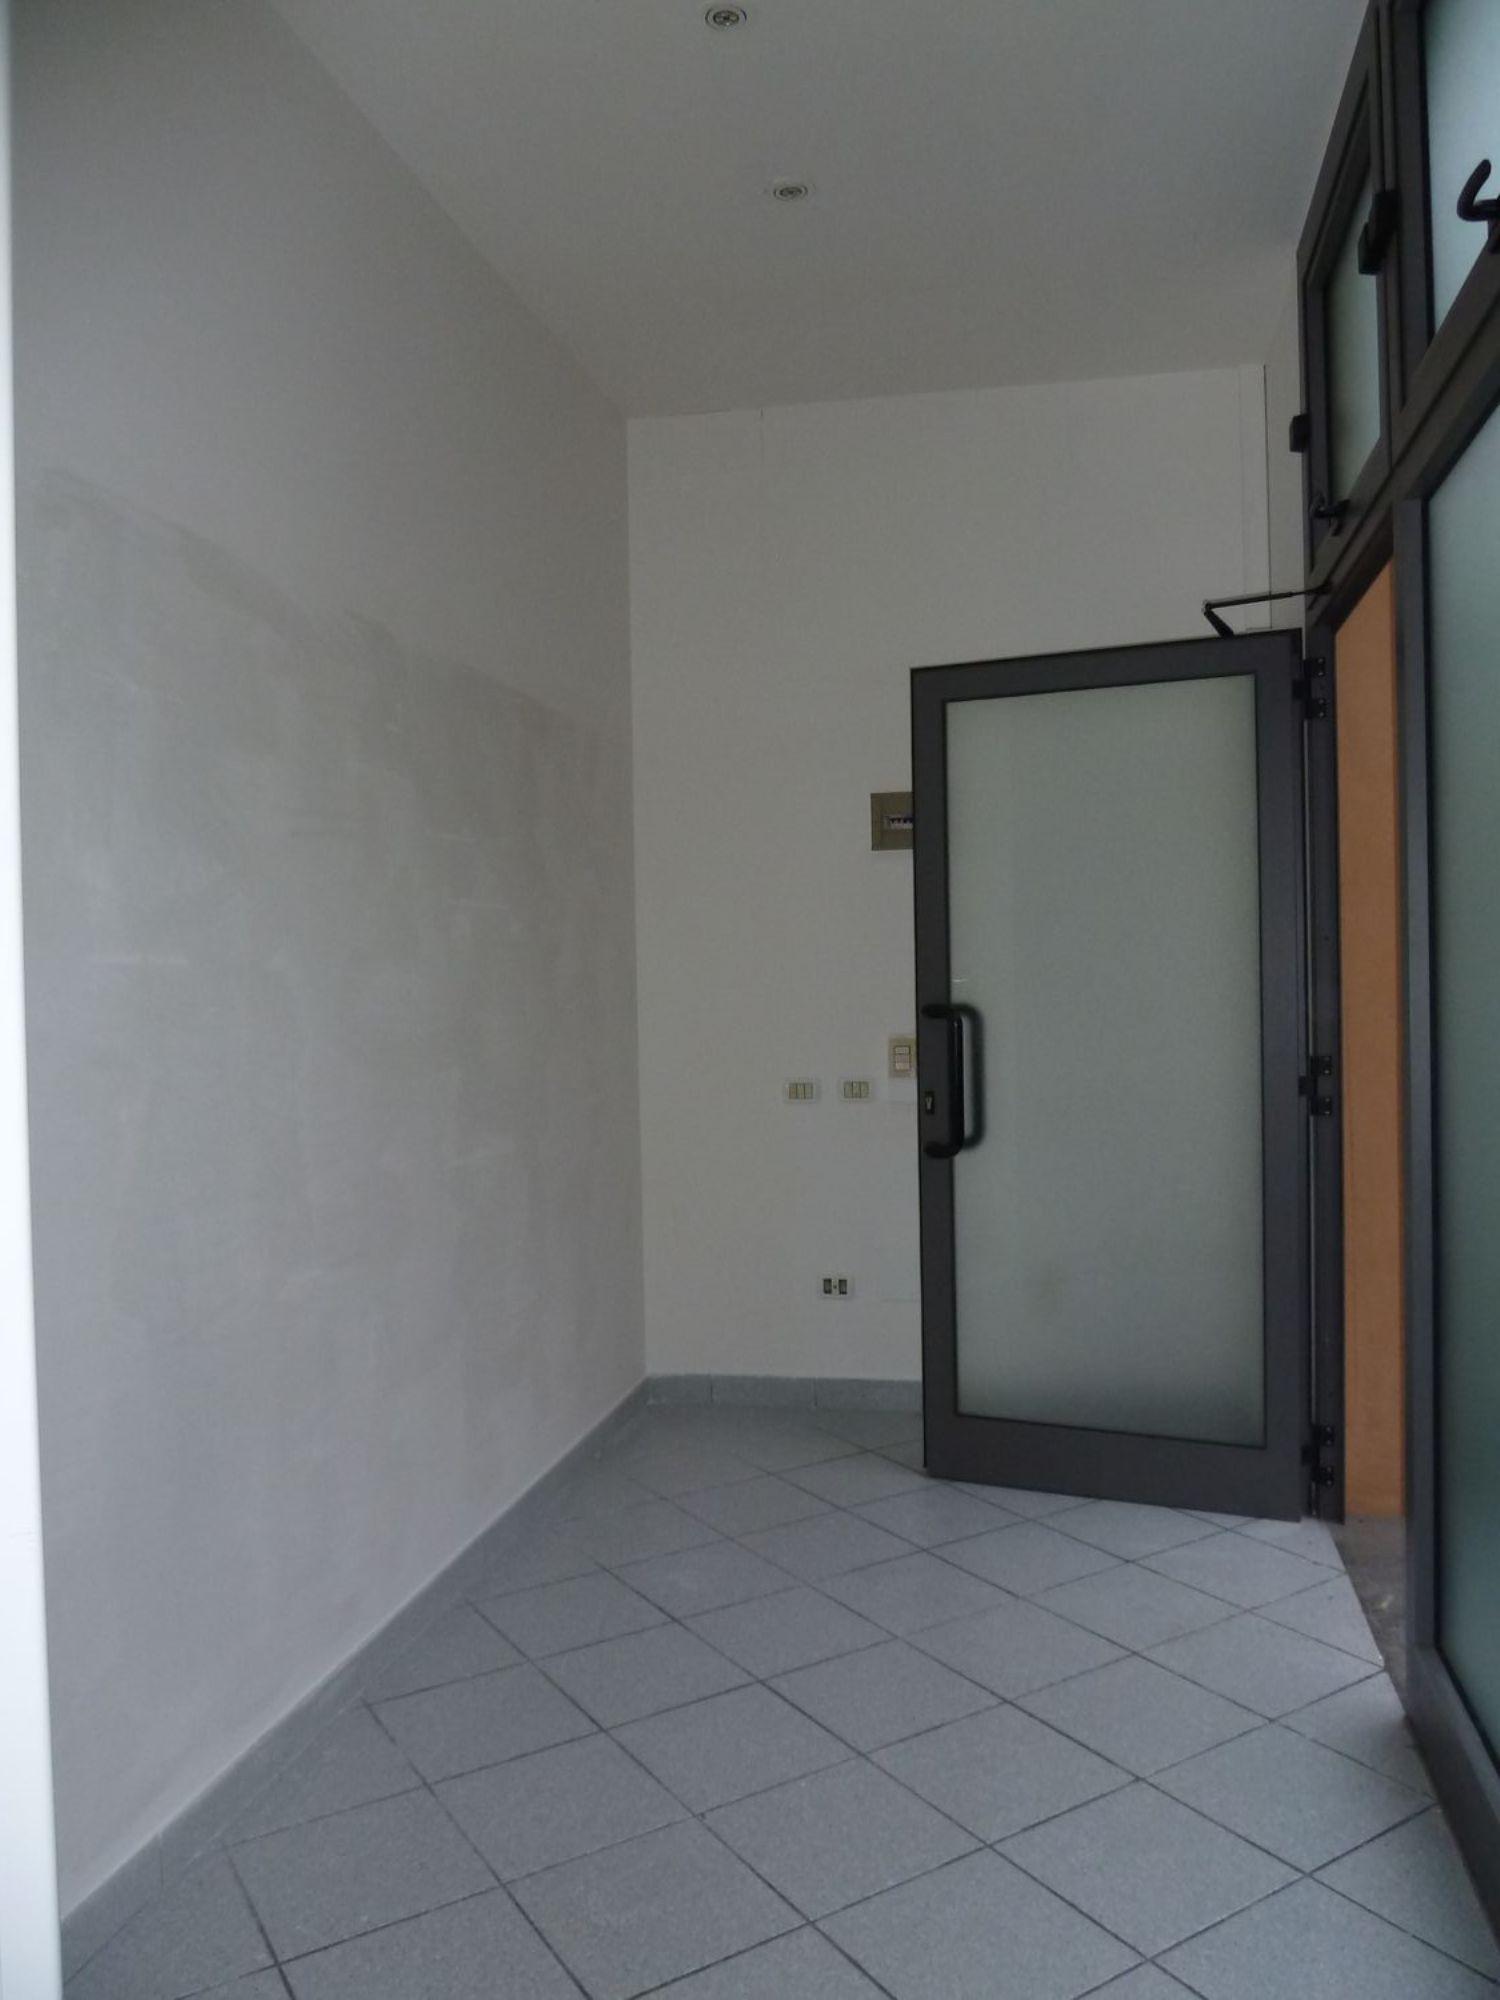 Immobile Commerciale in affitto a San Giovanni in Persiceto, 9999 locali, prezzo € 580   CambioCasa.it